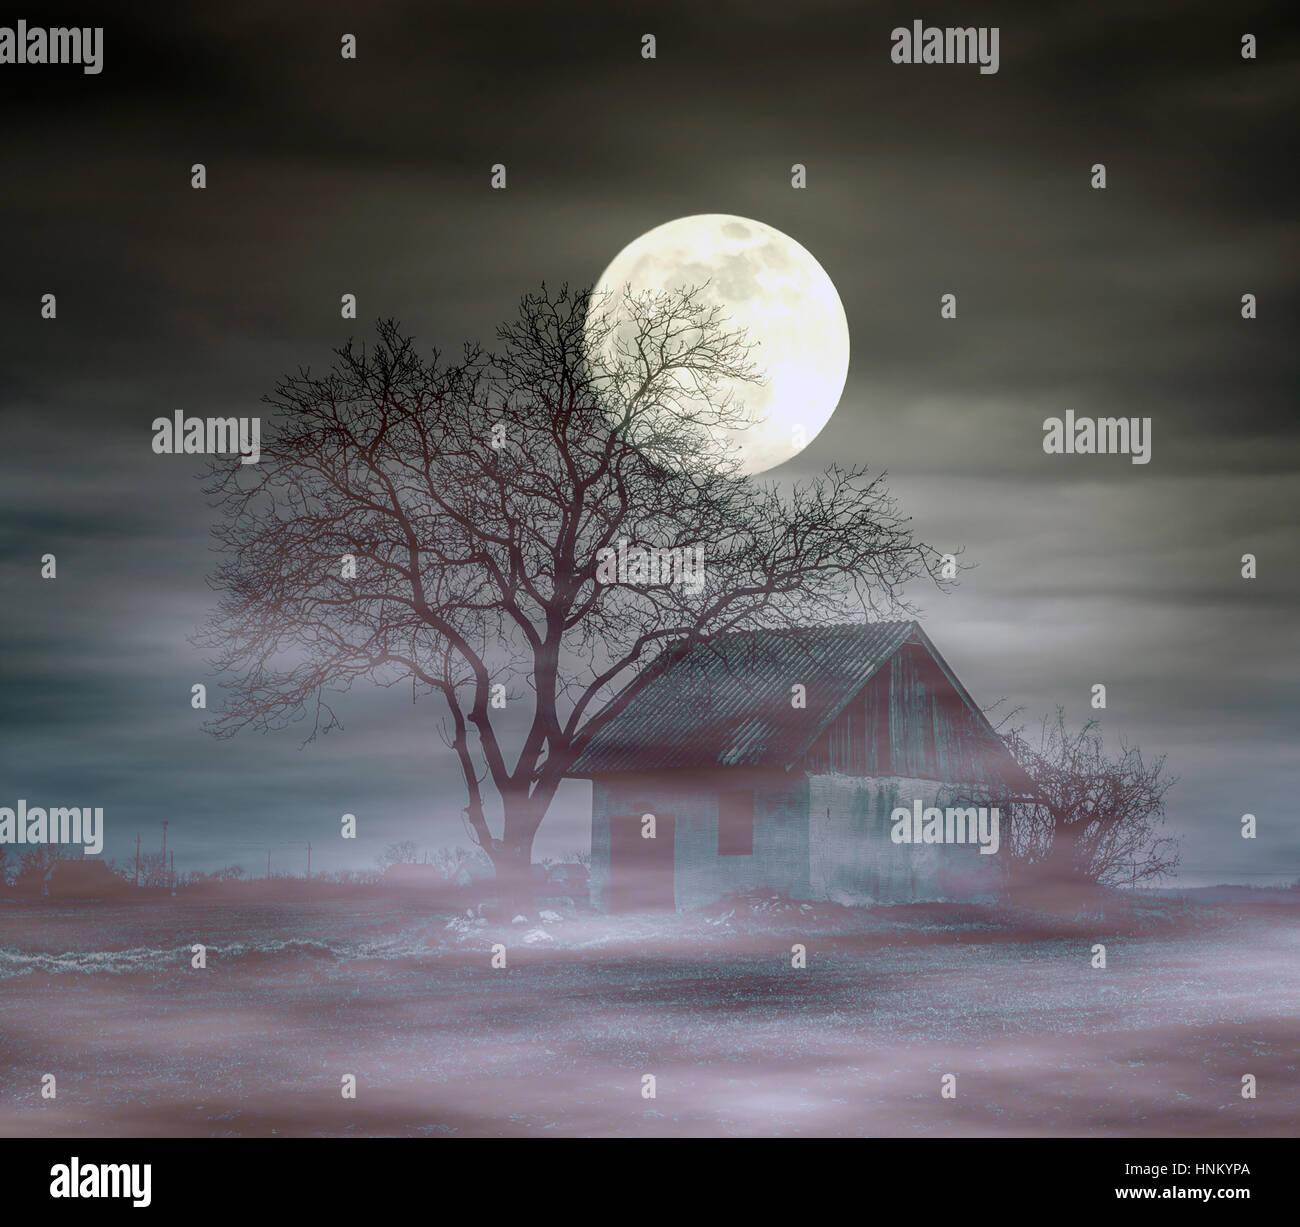 Gruseligen Geisterhaus in der Nacht Stockbild